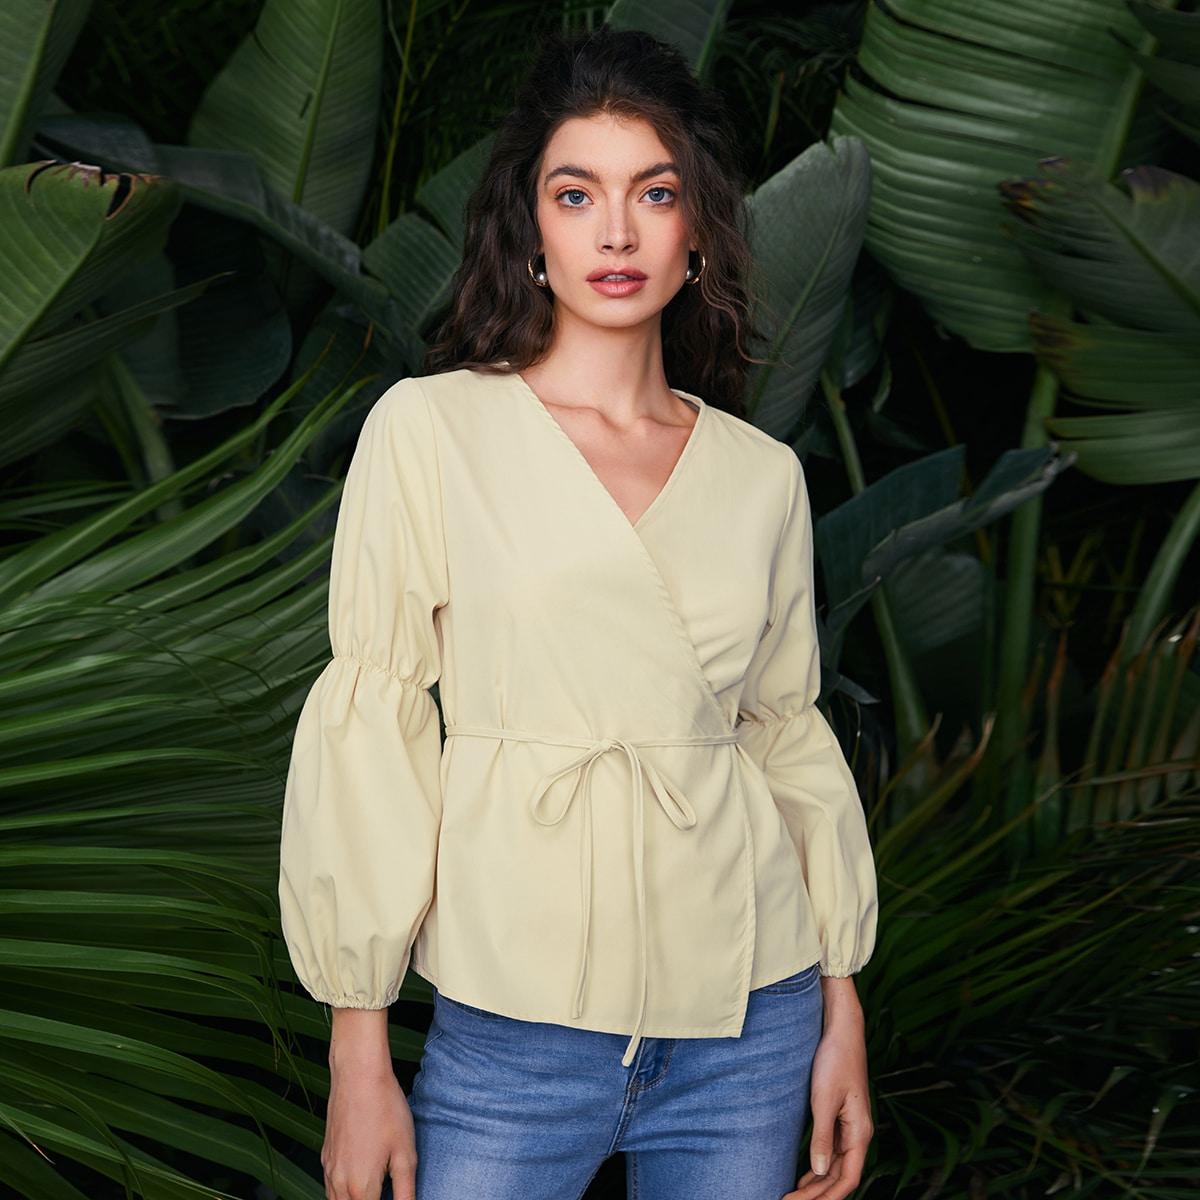 На запах Одноцветный Повседневный Блузы по цене 960